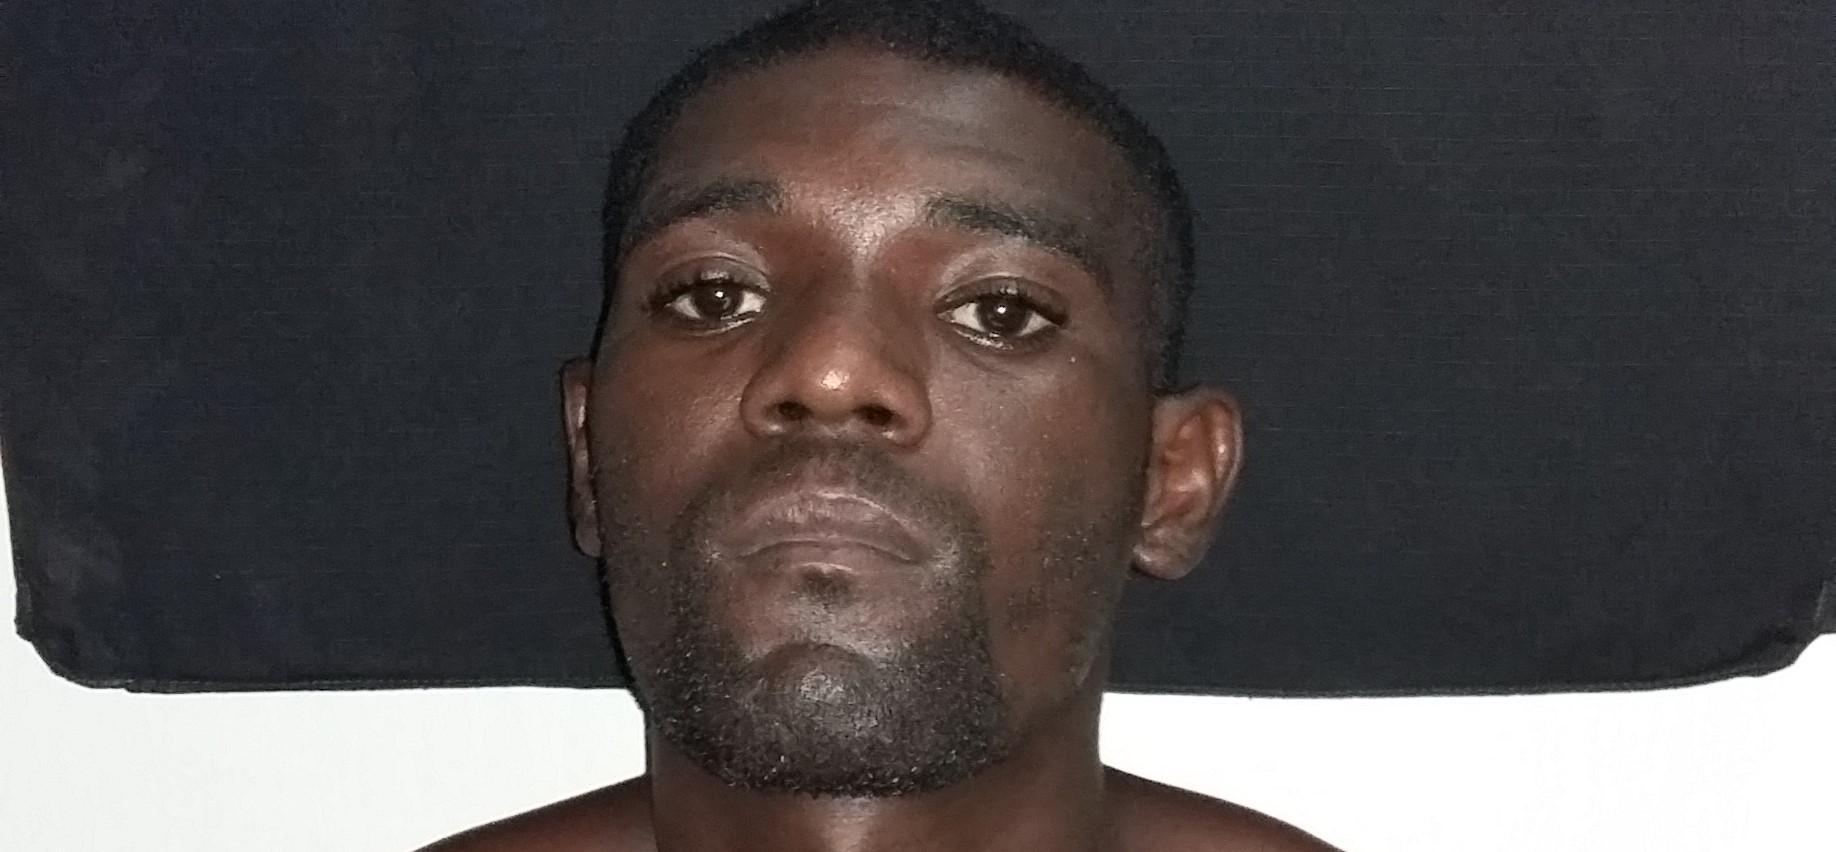 Suspeito de cometer estupro é preso na cidade de Dom Pedro